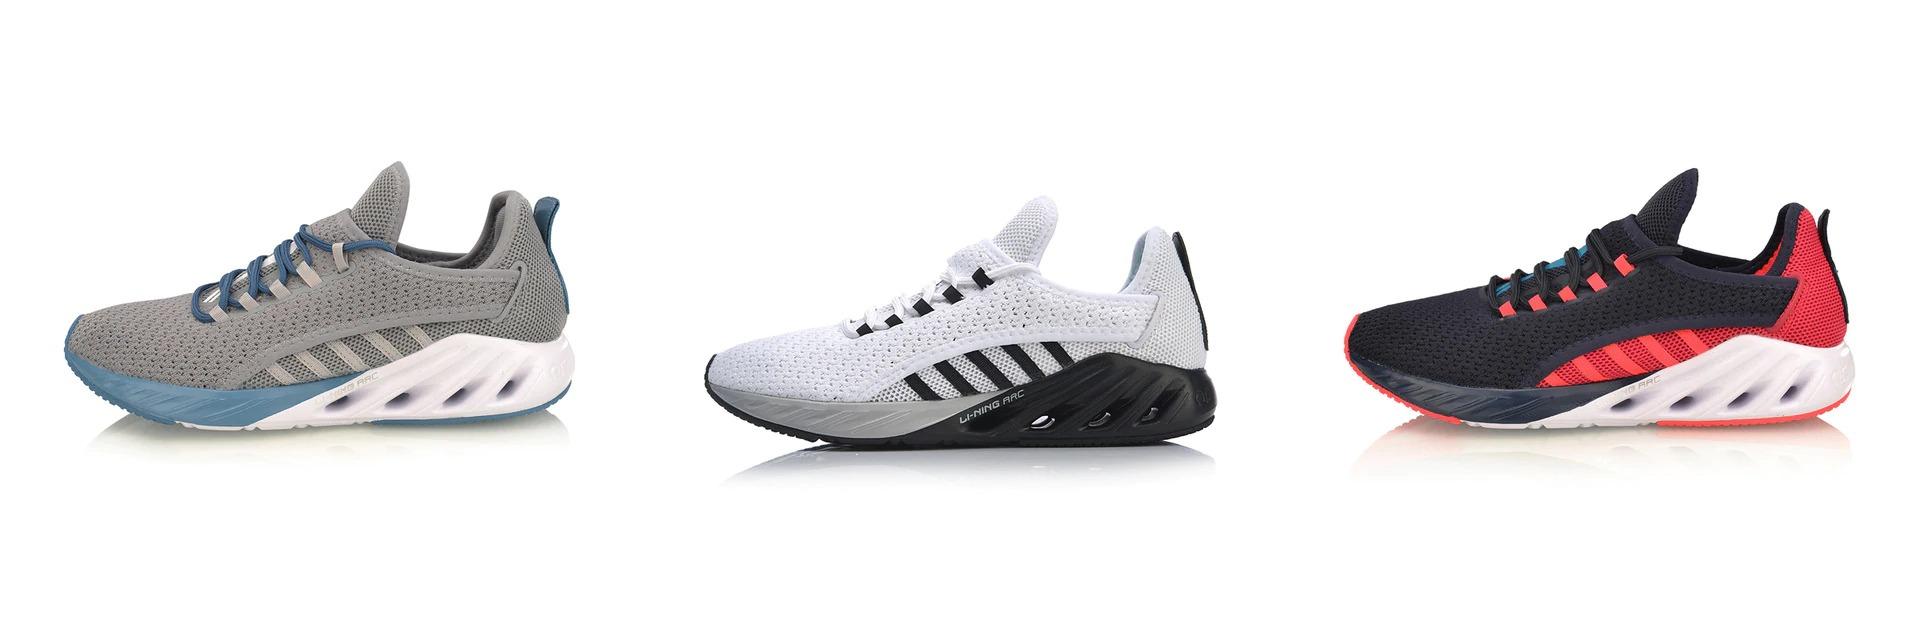 Li-Ning LN Arc cipő teszt 15